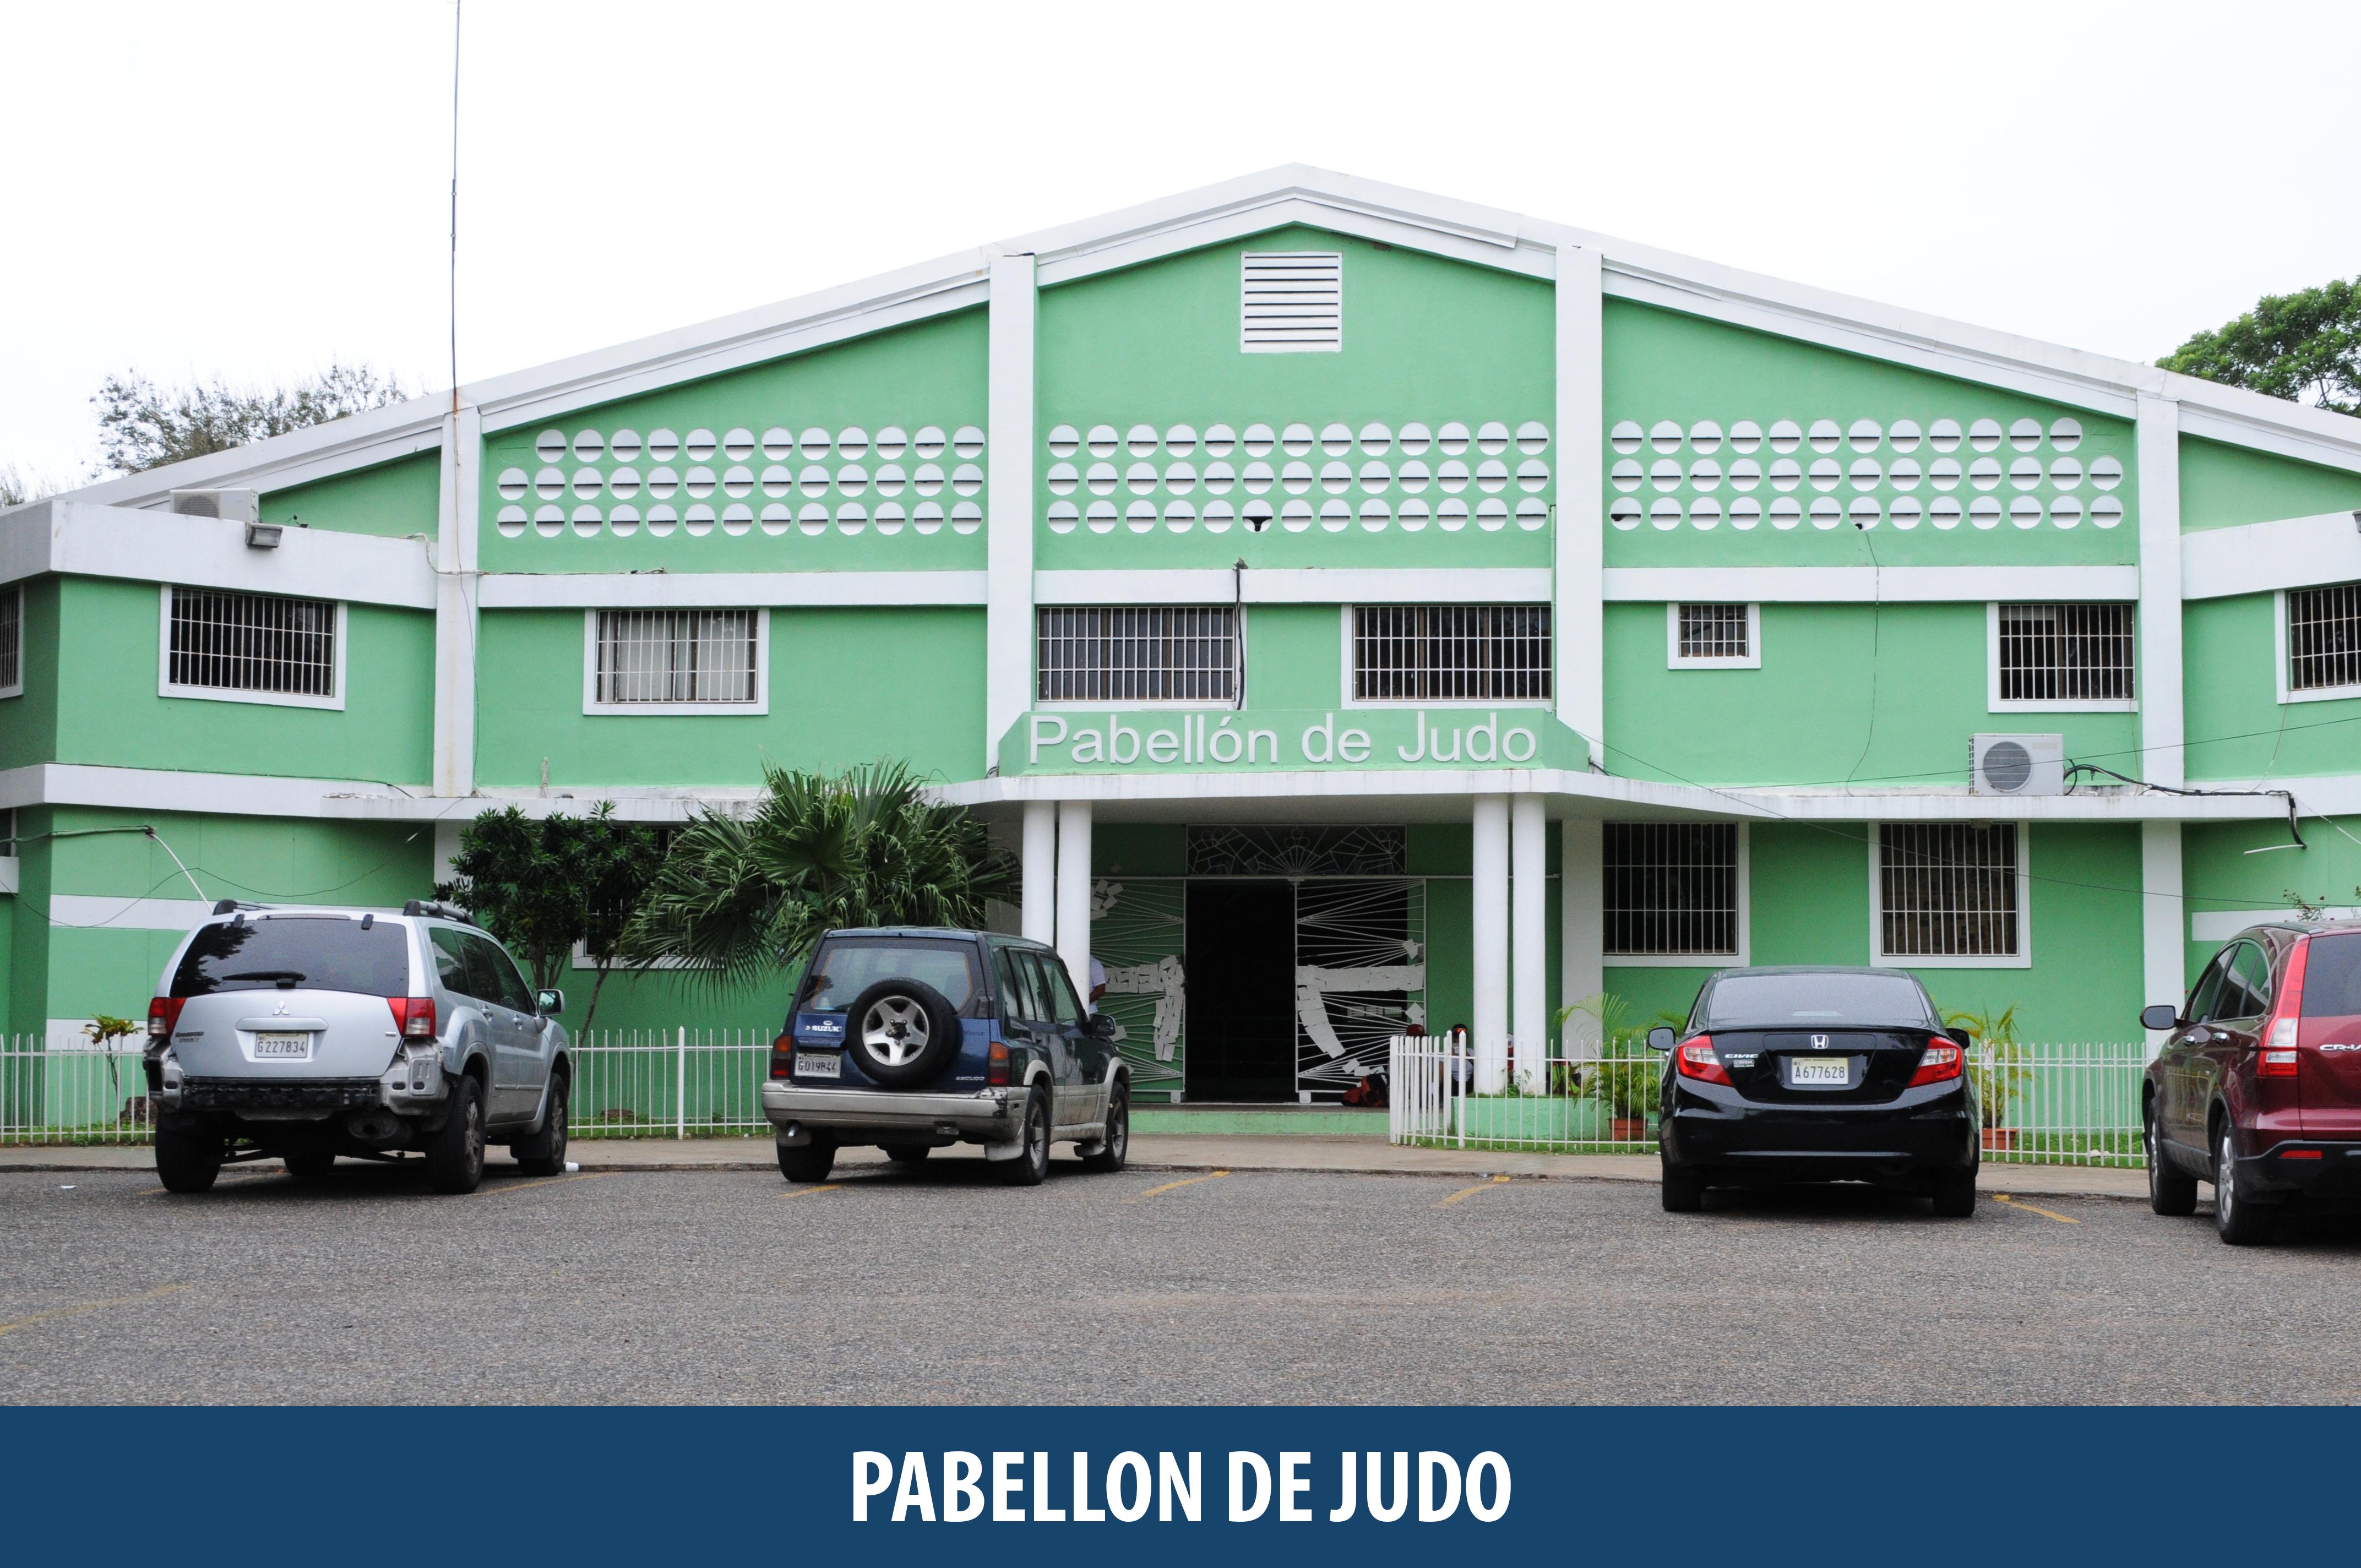 Pabellon de Judo